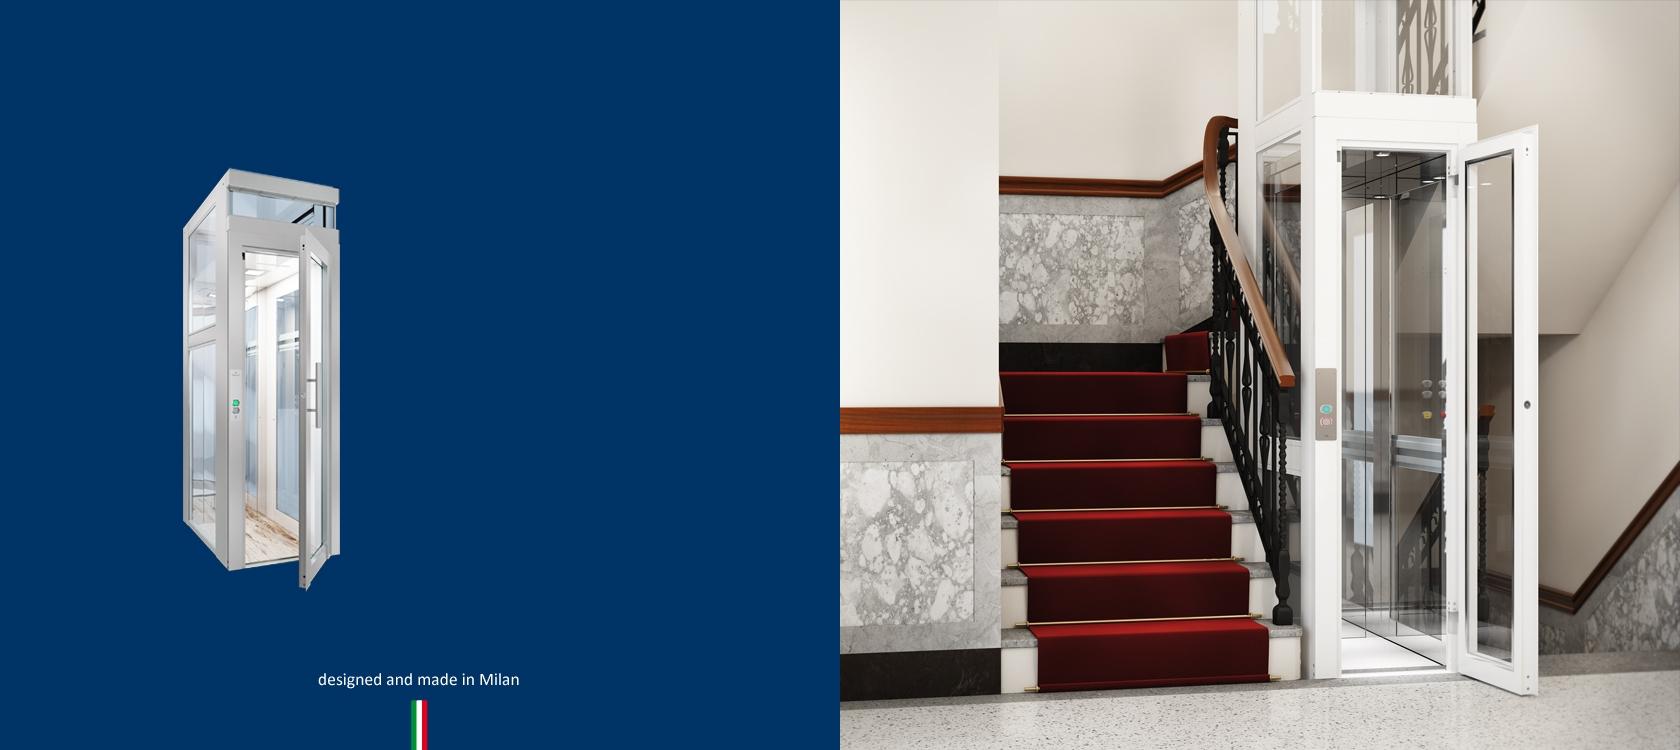 Domuslift - Costo ascensore interno 3 piani ...